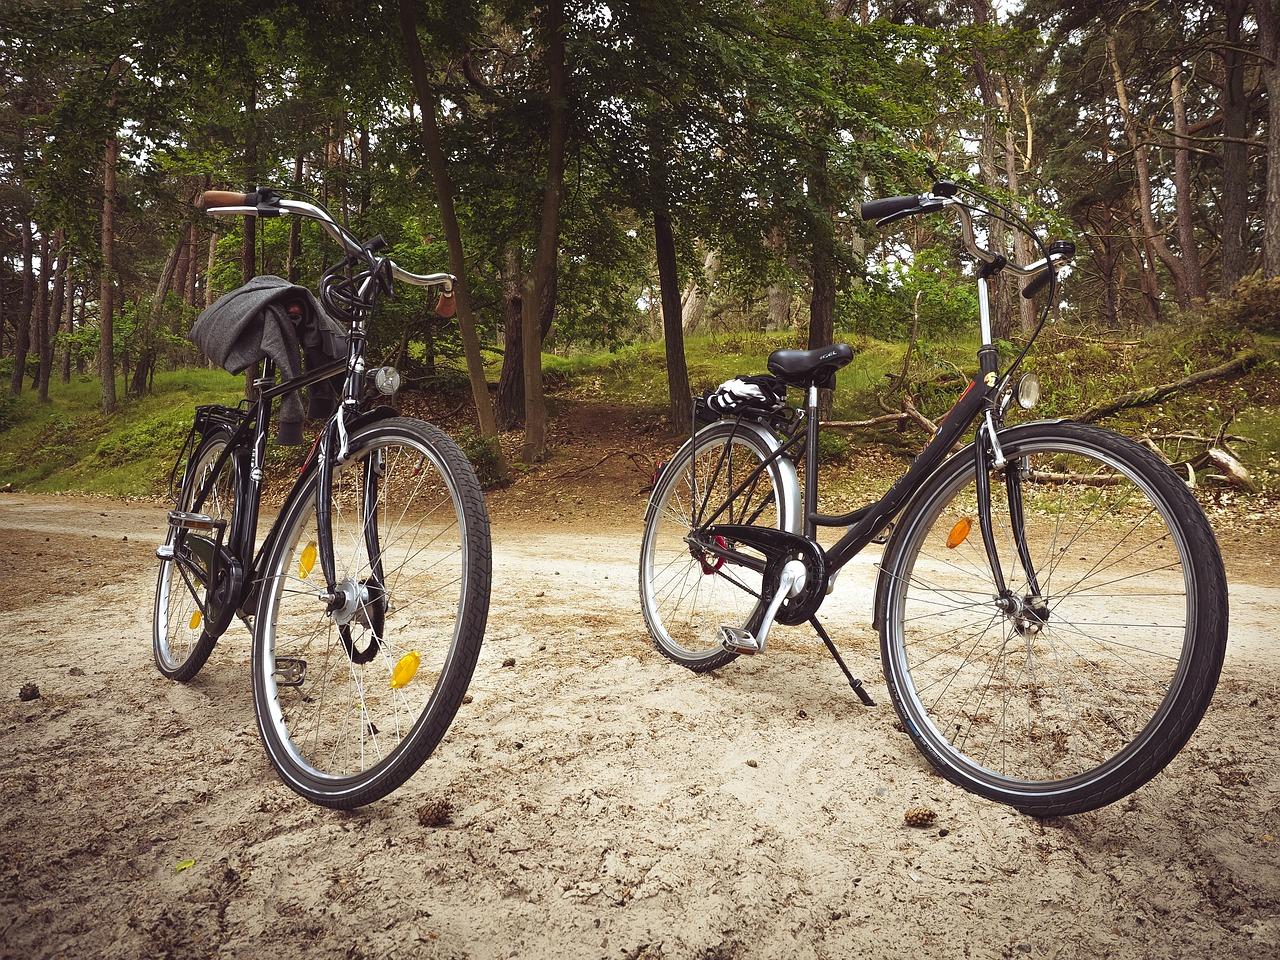 ней картинка два велосипеда твой